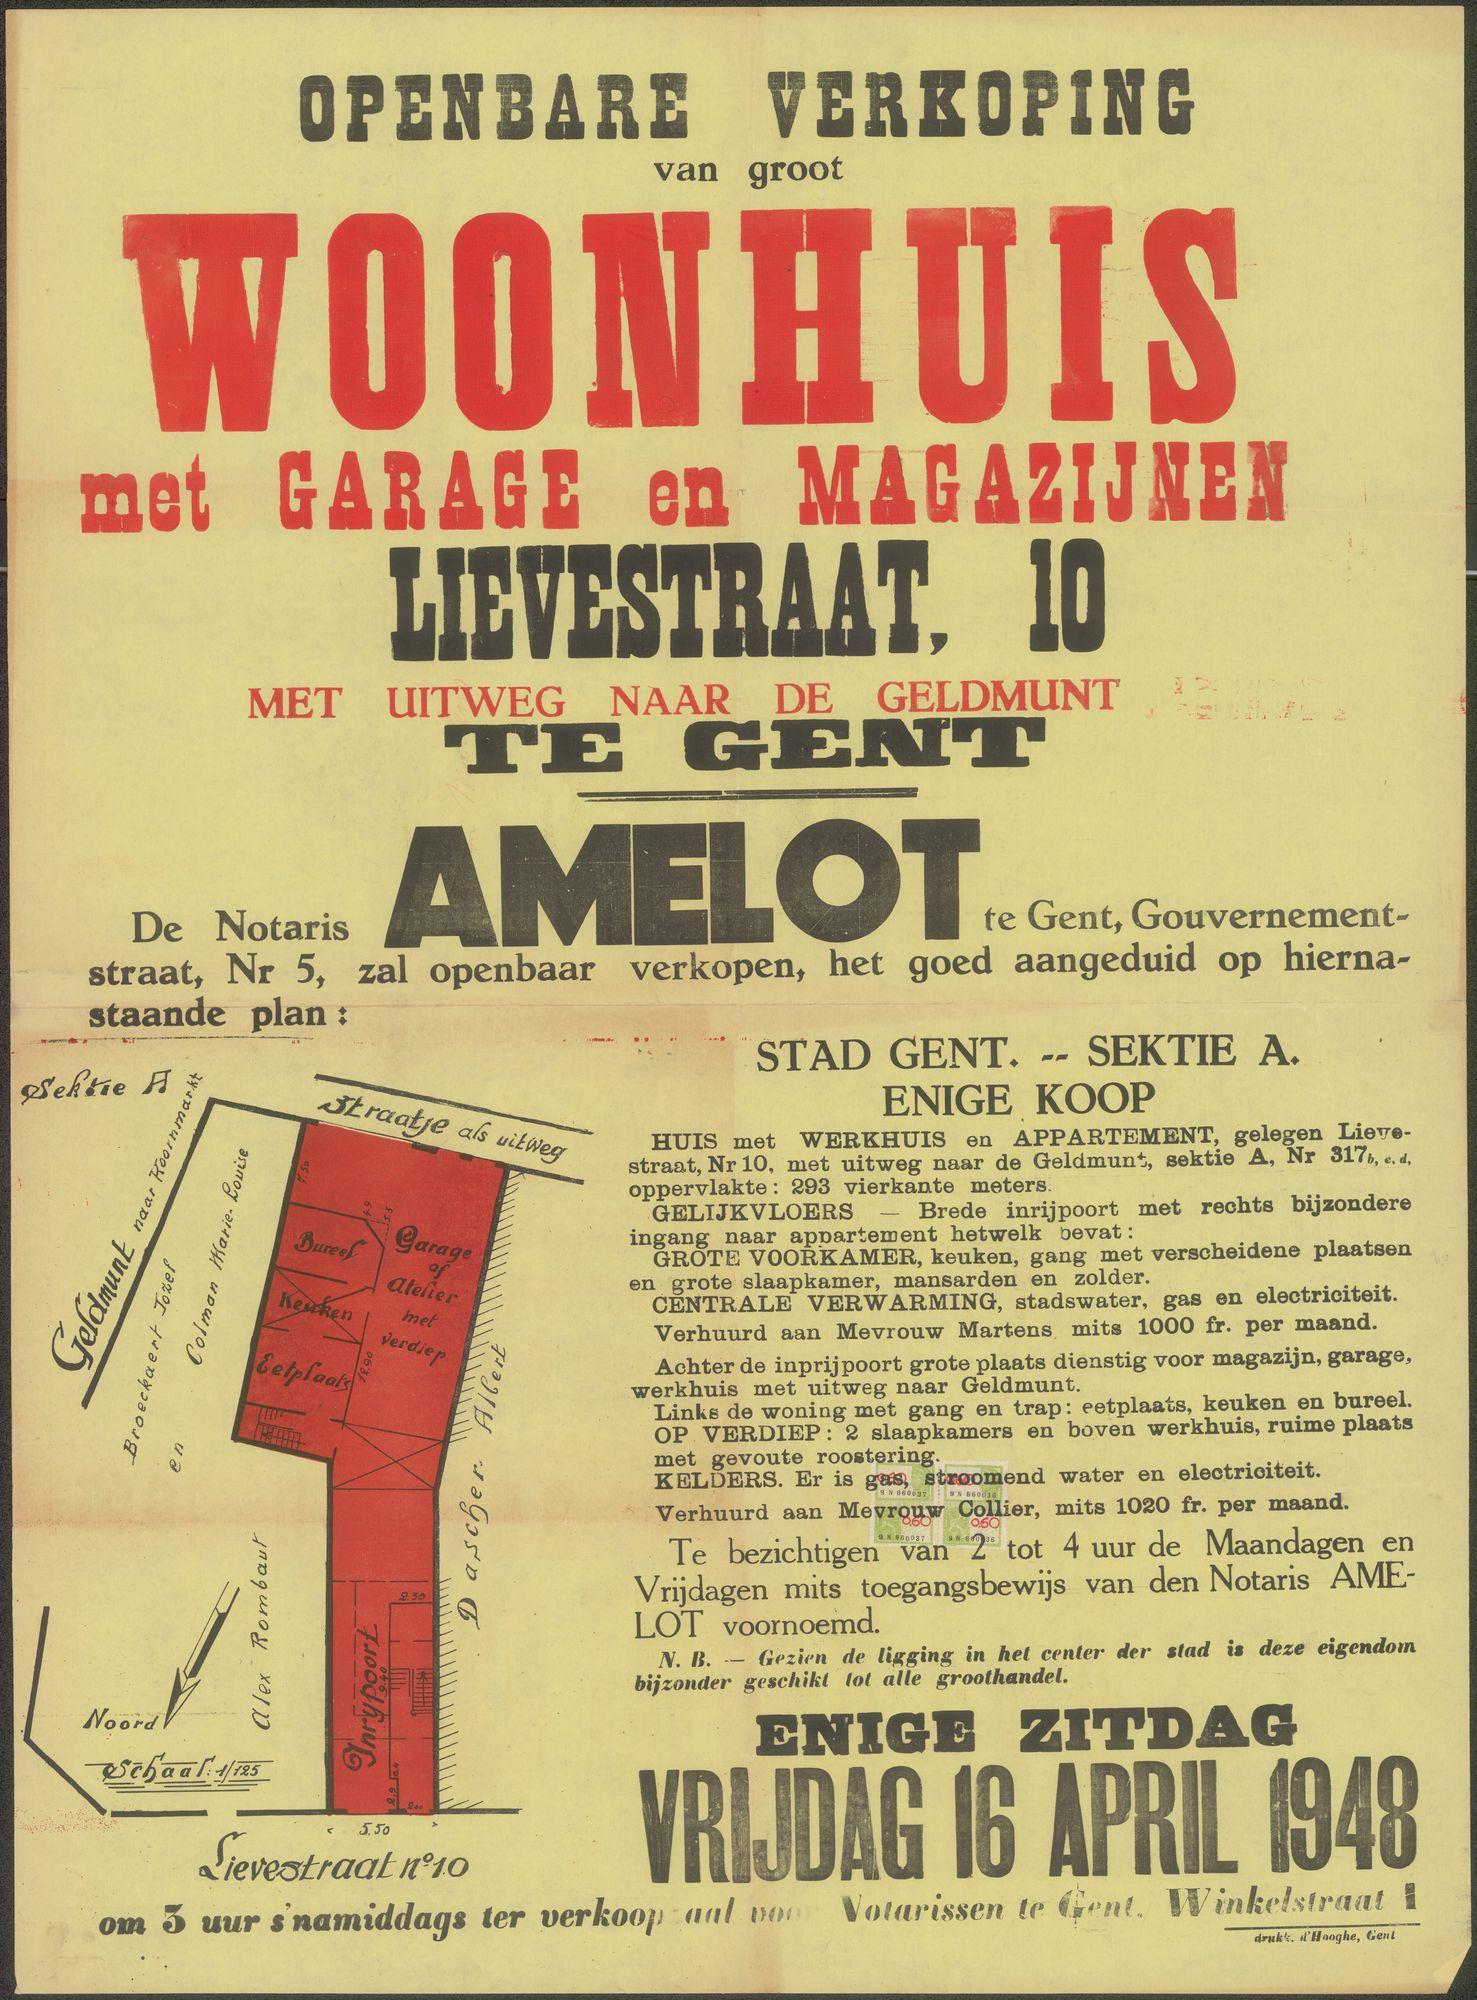 Openbare verkoop van groot woonhuis met garage en magazijnen, Lievestraat, nr.10, met uitweg naar de Geldmunt  te Gent, Gent, 16 april 1948